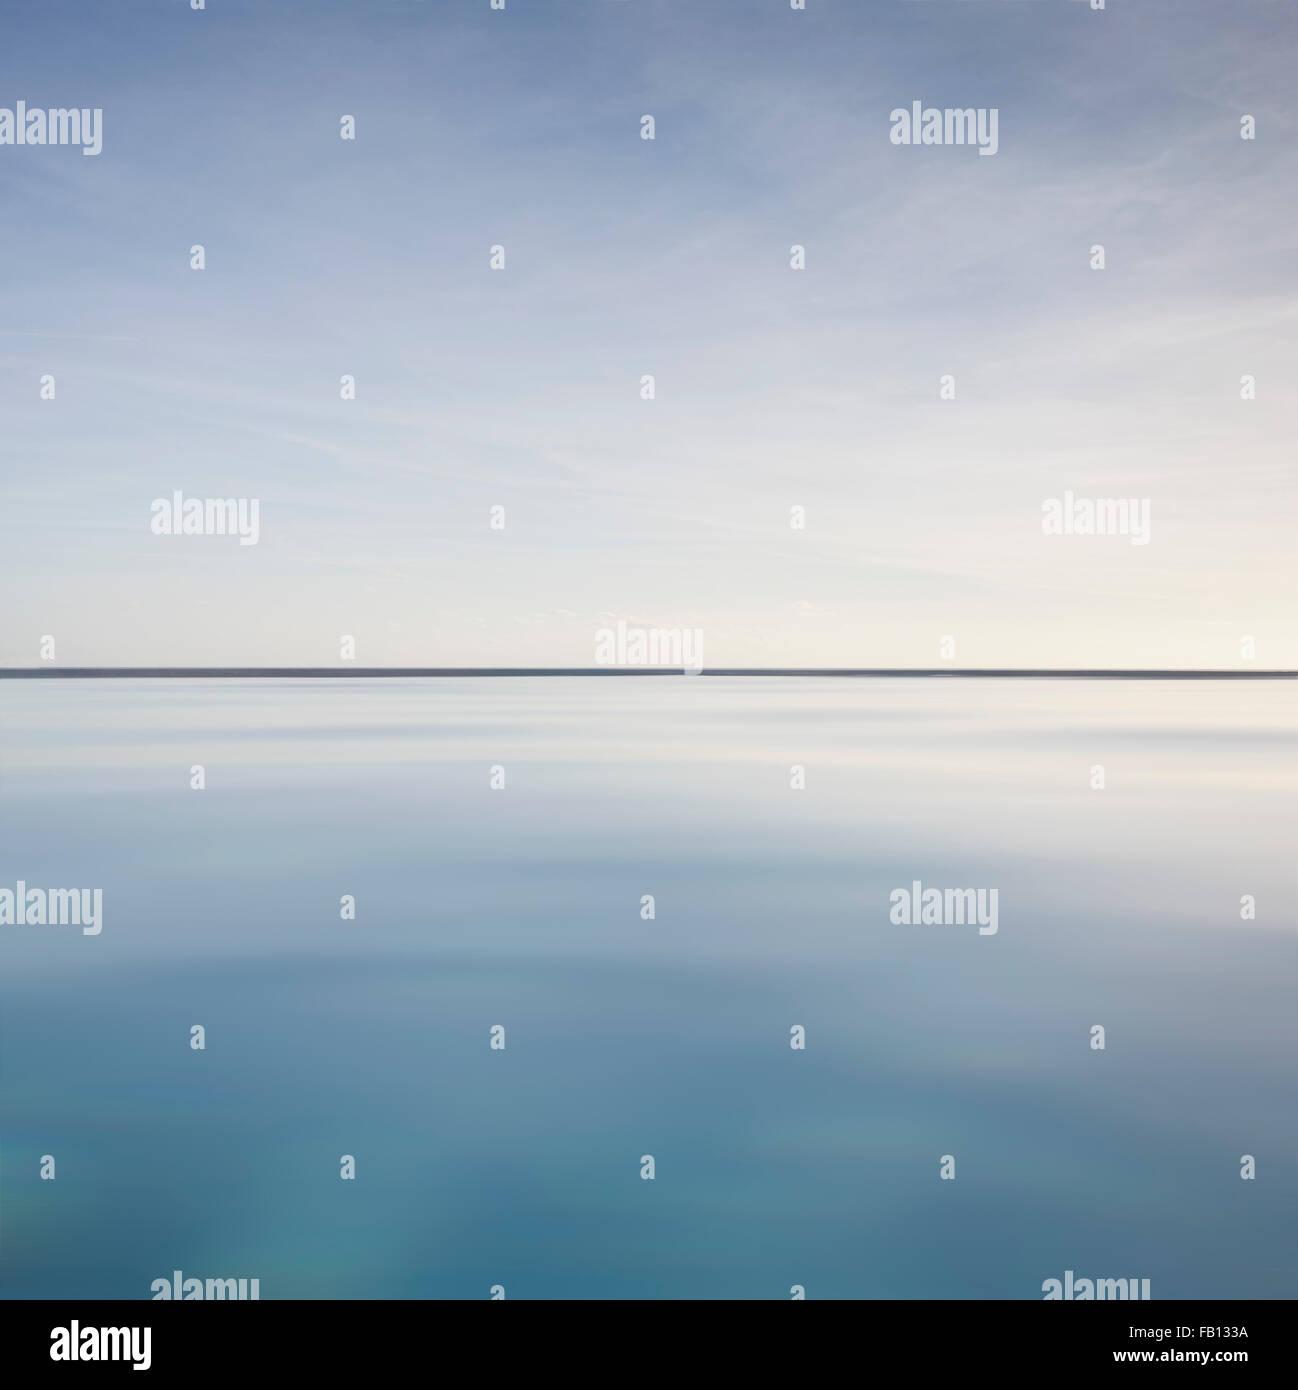 Scenic view of calm sea - Stock Image